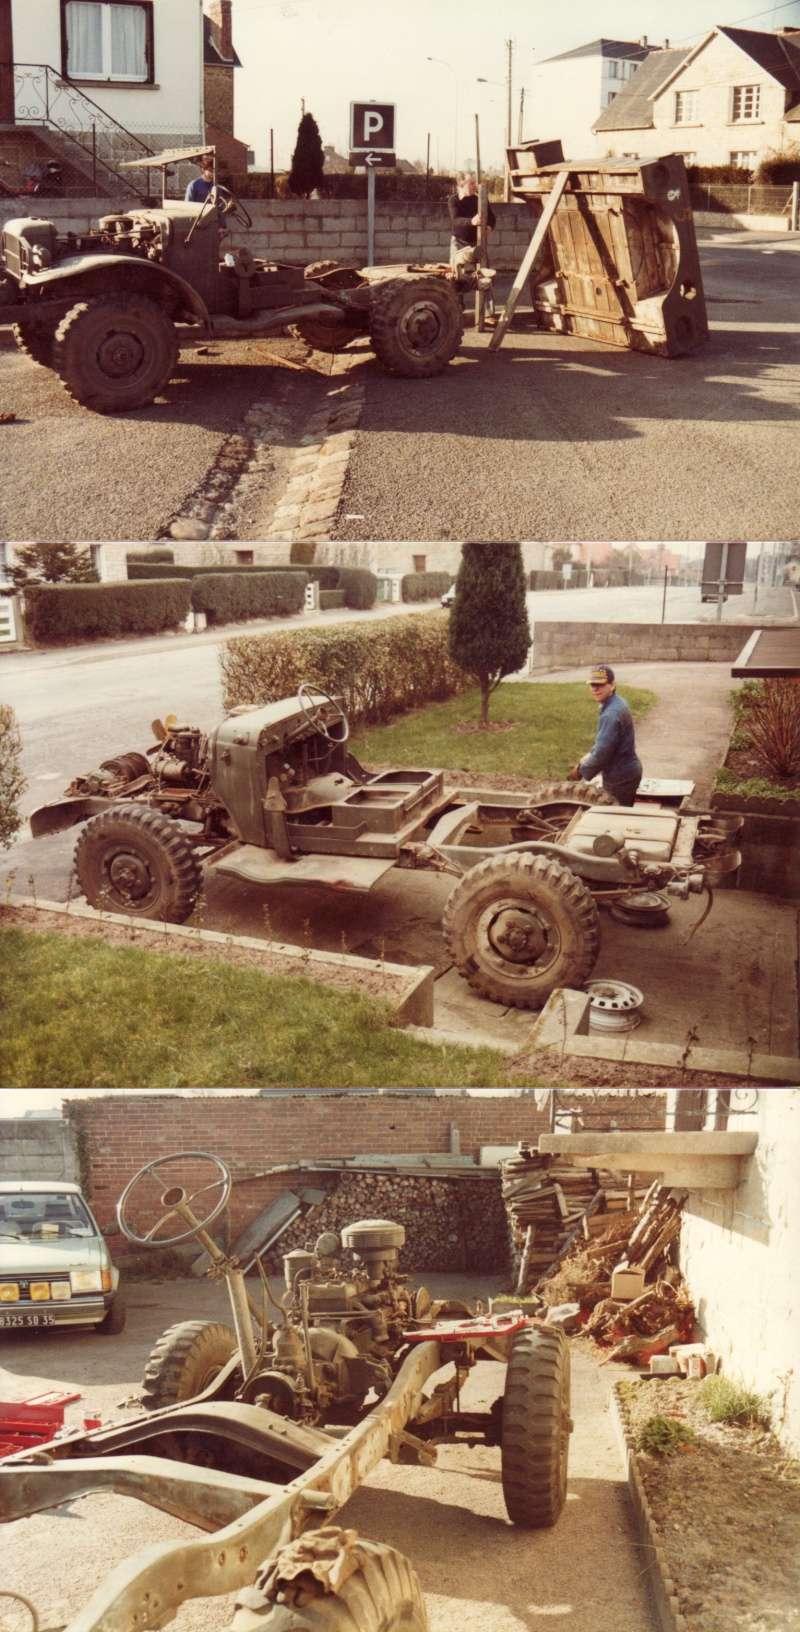 Restauration d'un Dodge (souvenirs 1980) Dodge_11